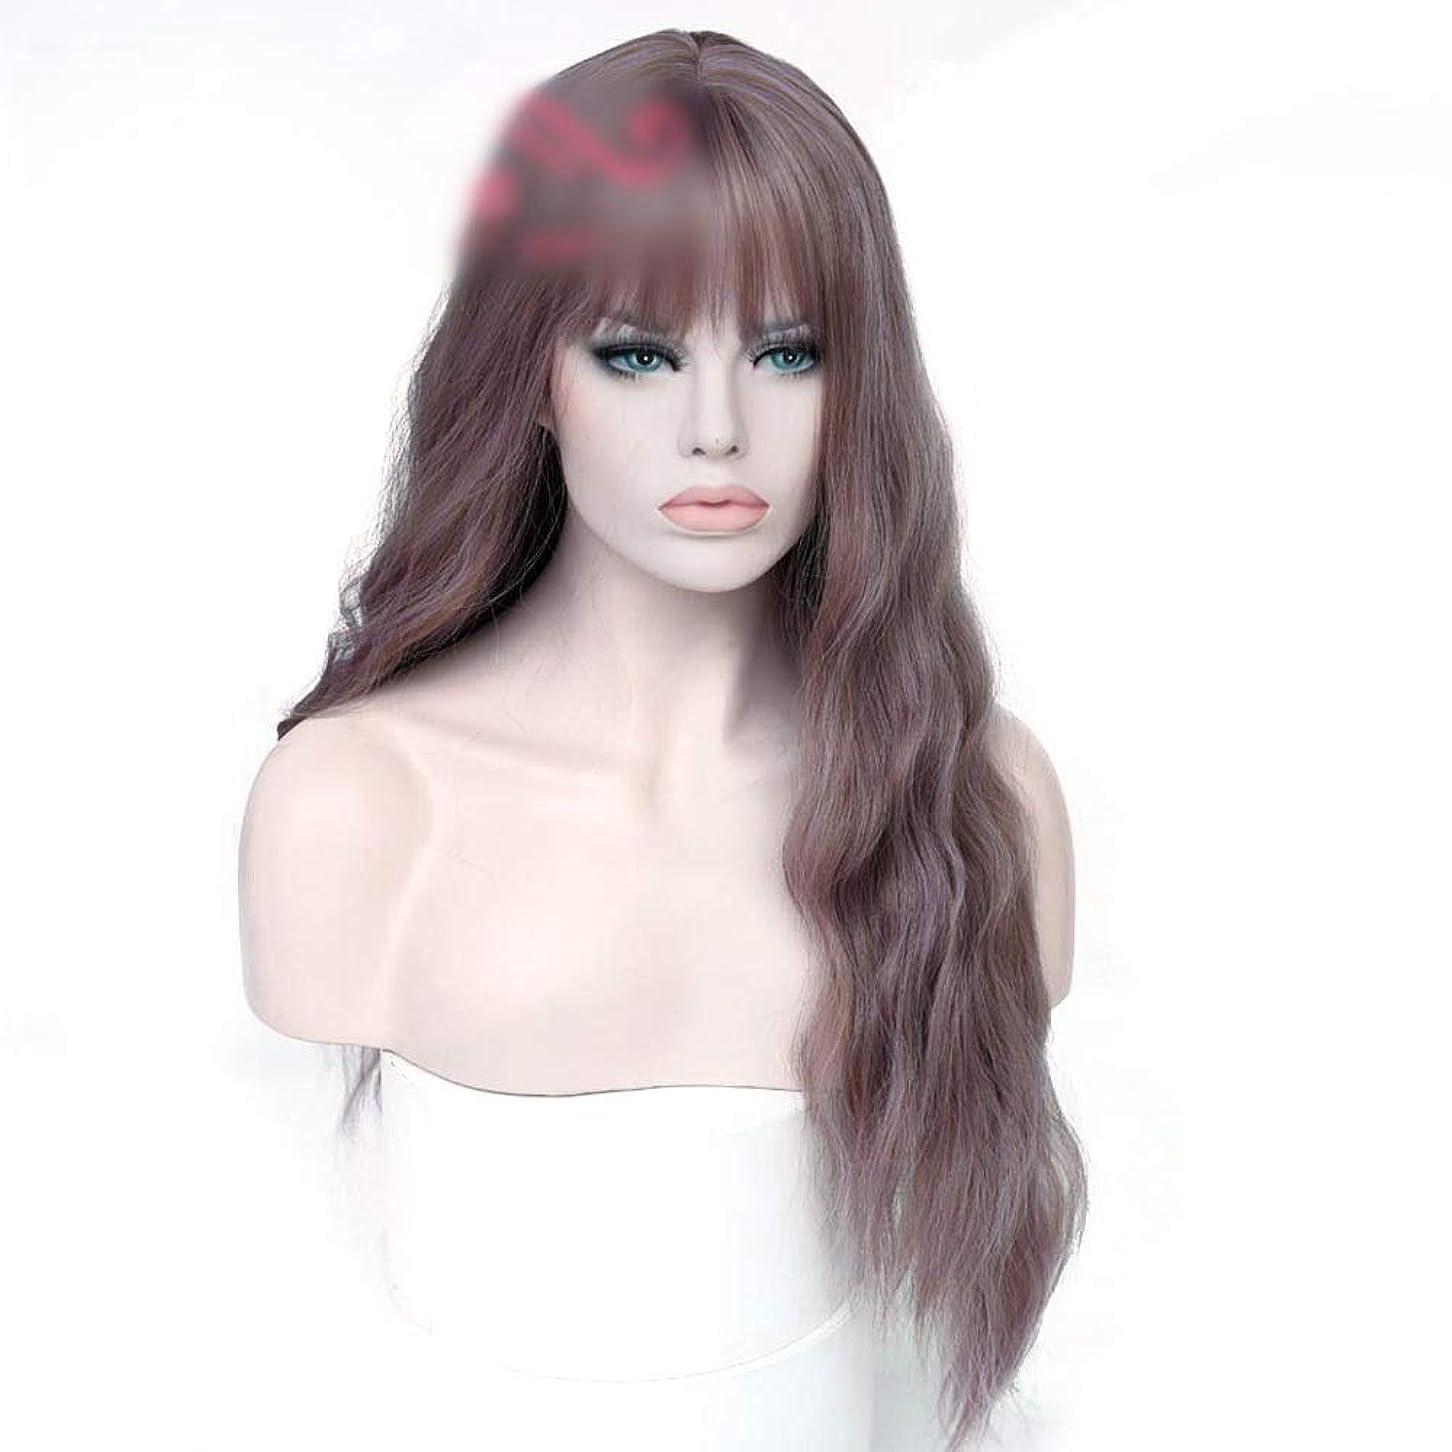 未使用集中的な慣れるWASAIO 毎日のヘアバンの女性の長い巻き毛 (色 : Photo color)